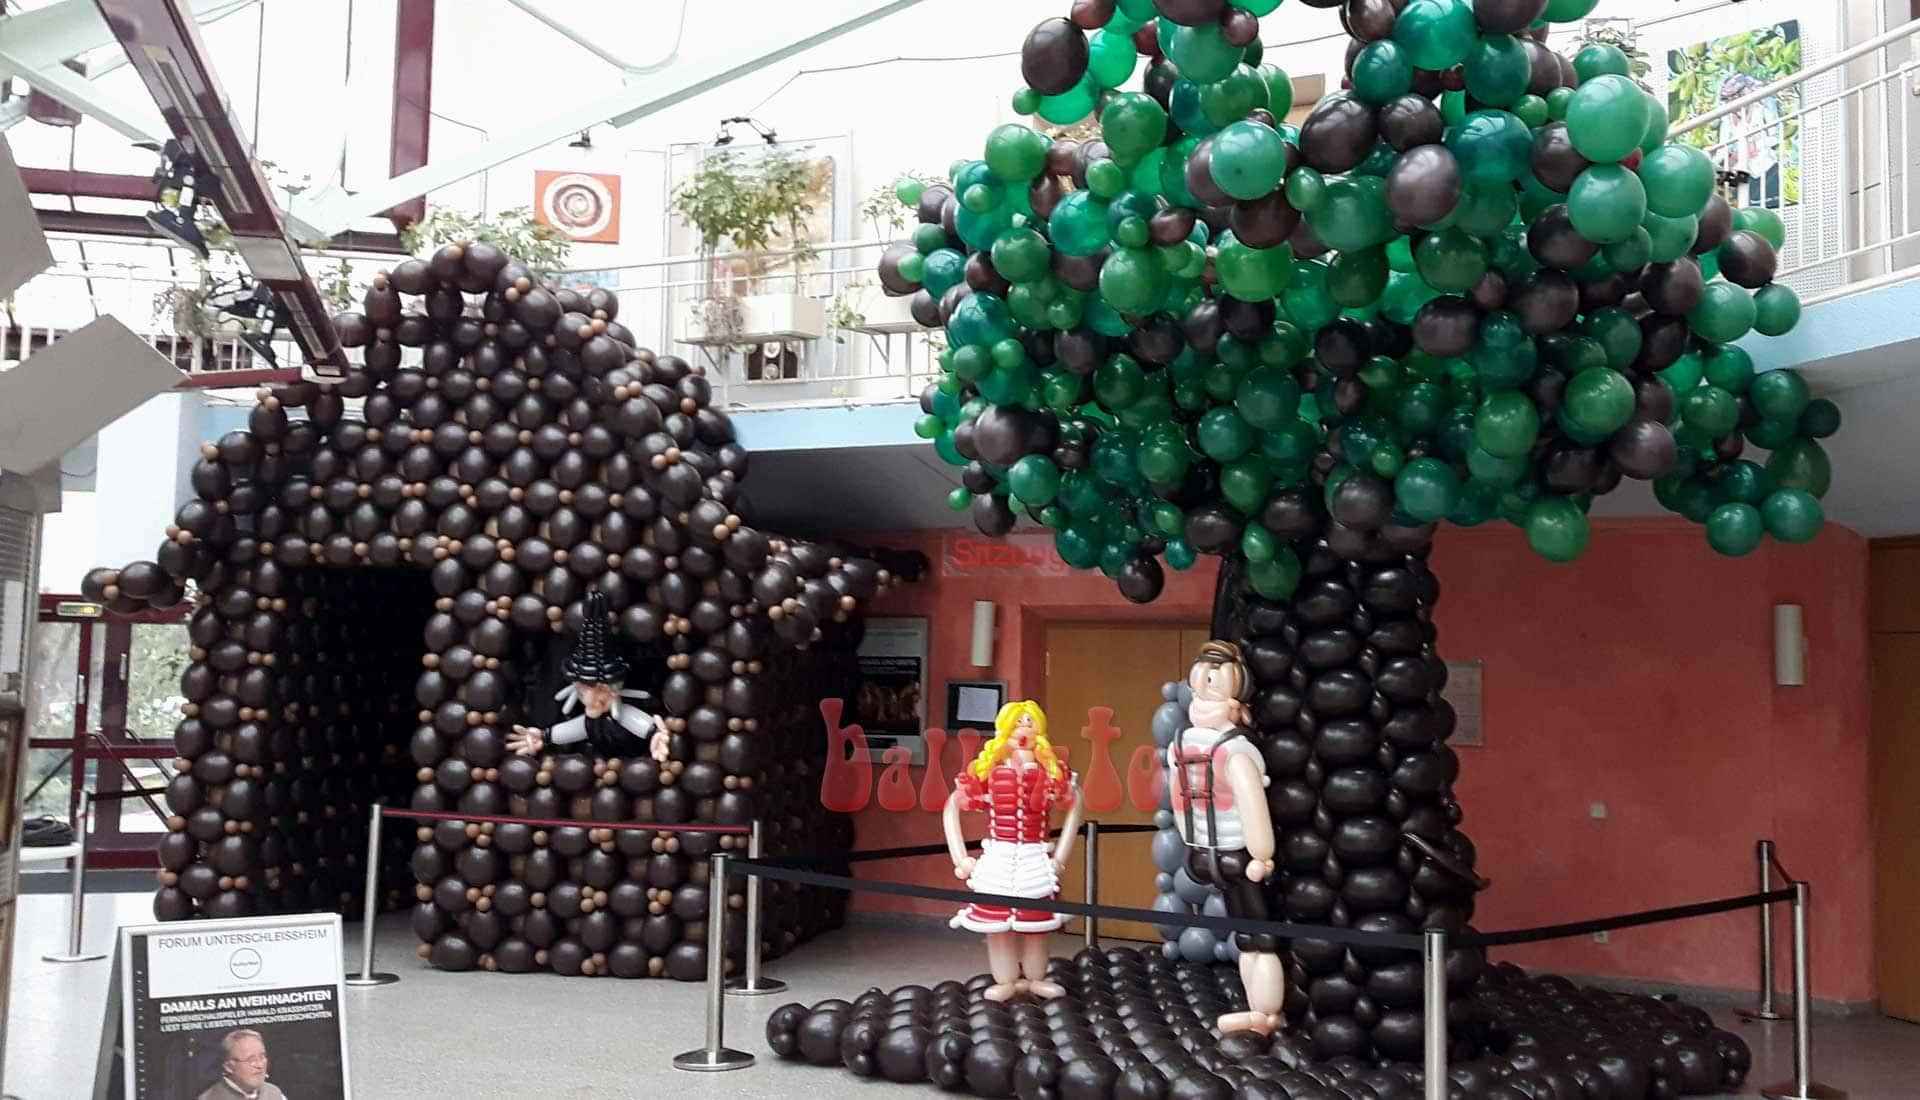 Ballonwelt zur Kinderoper Hensel und Gretel in Unterschleißheim Nähe München - Bild: Hexenhaus mit Hexe und Hensel mit seiner Gretel